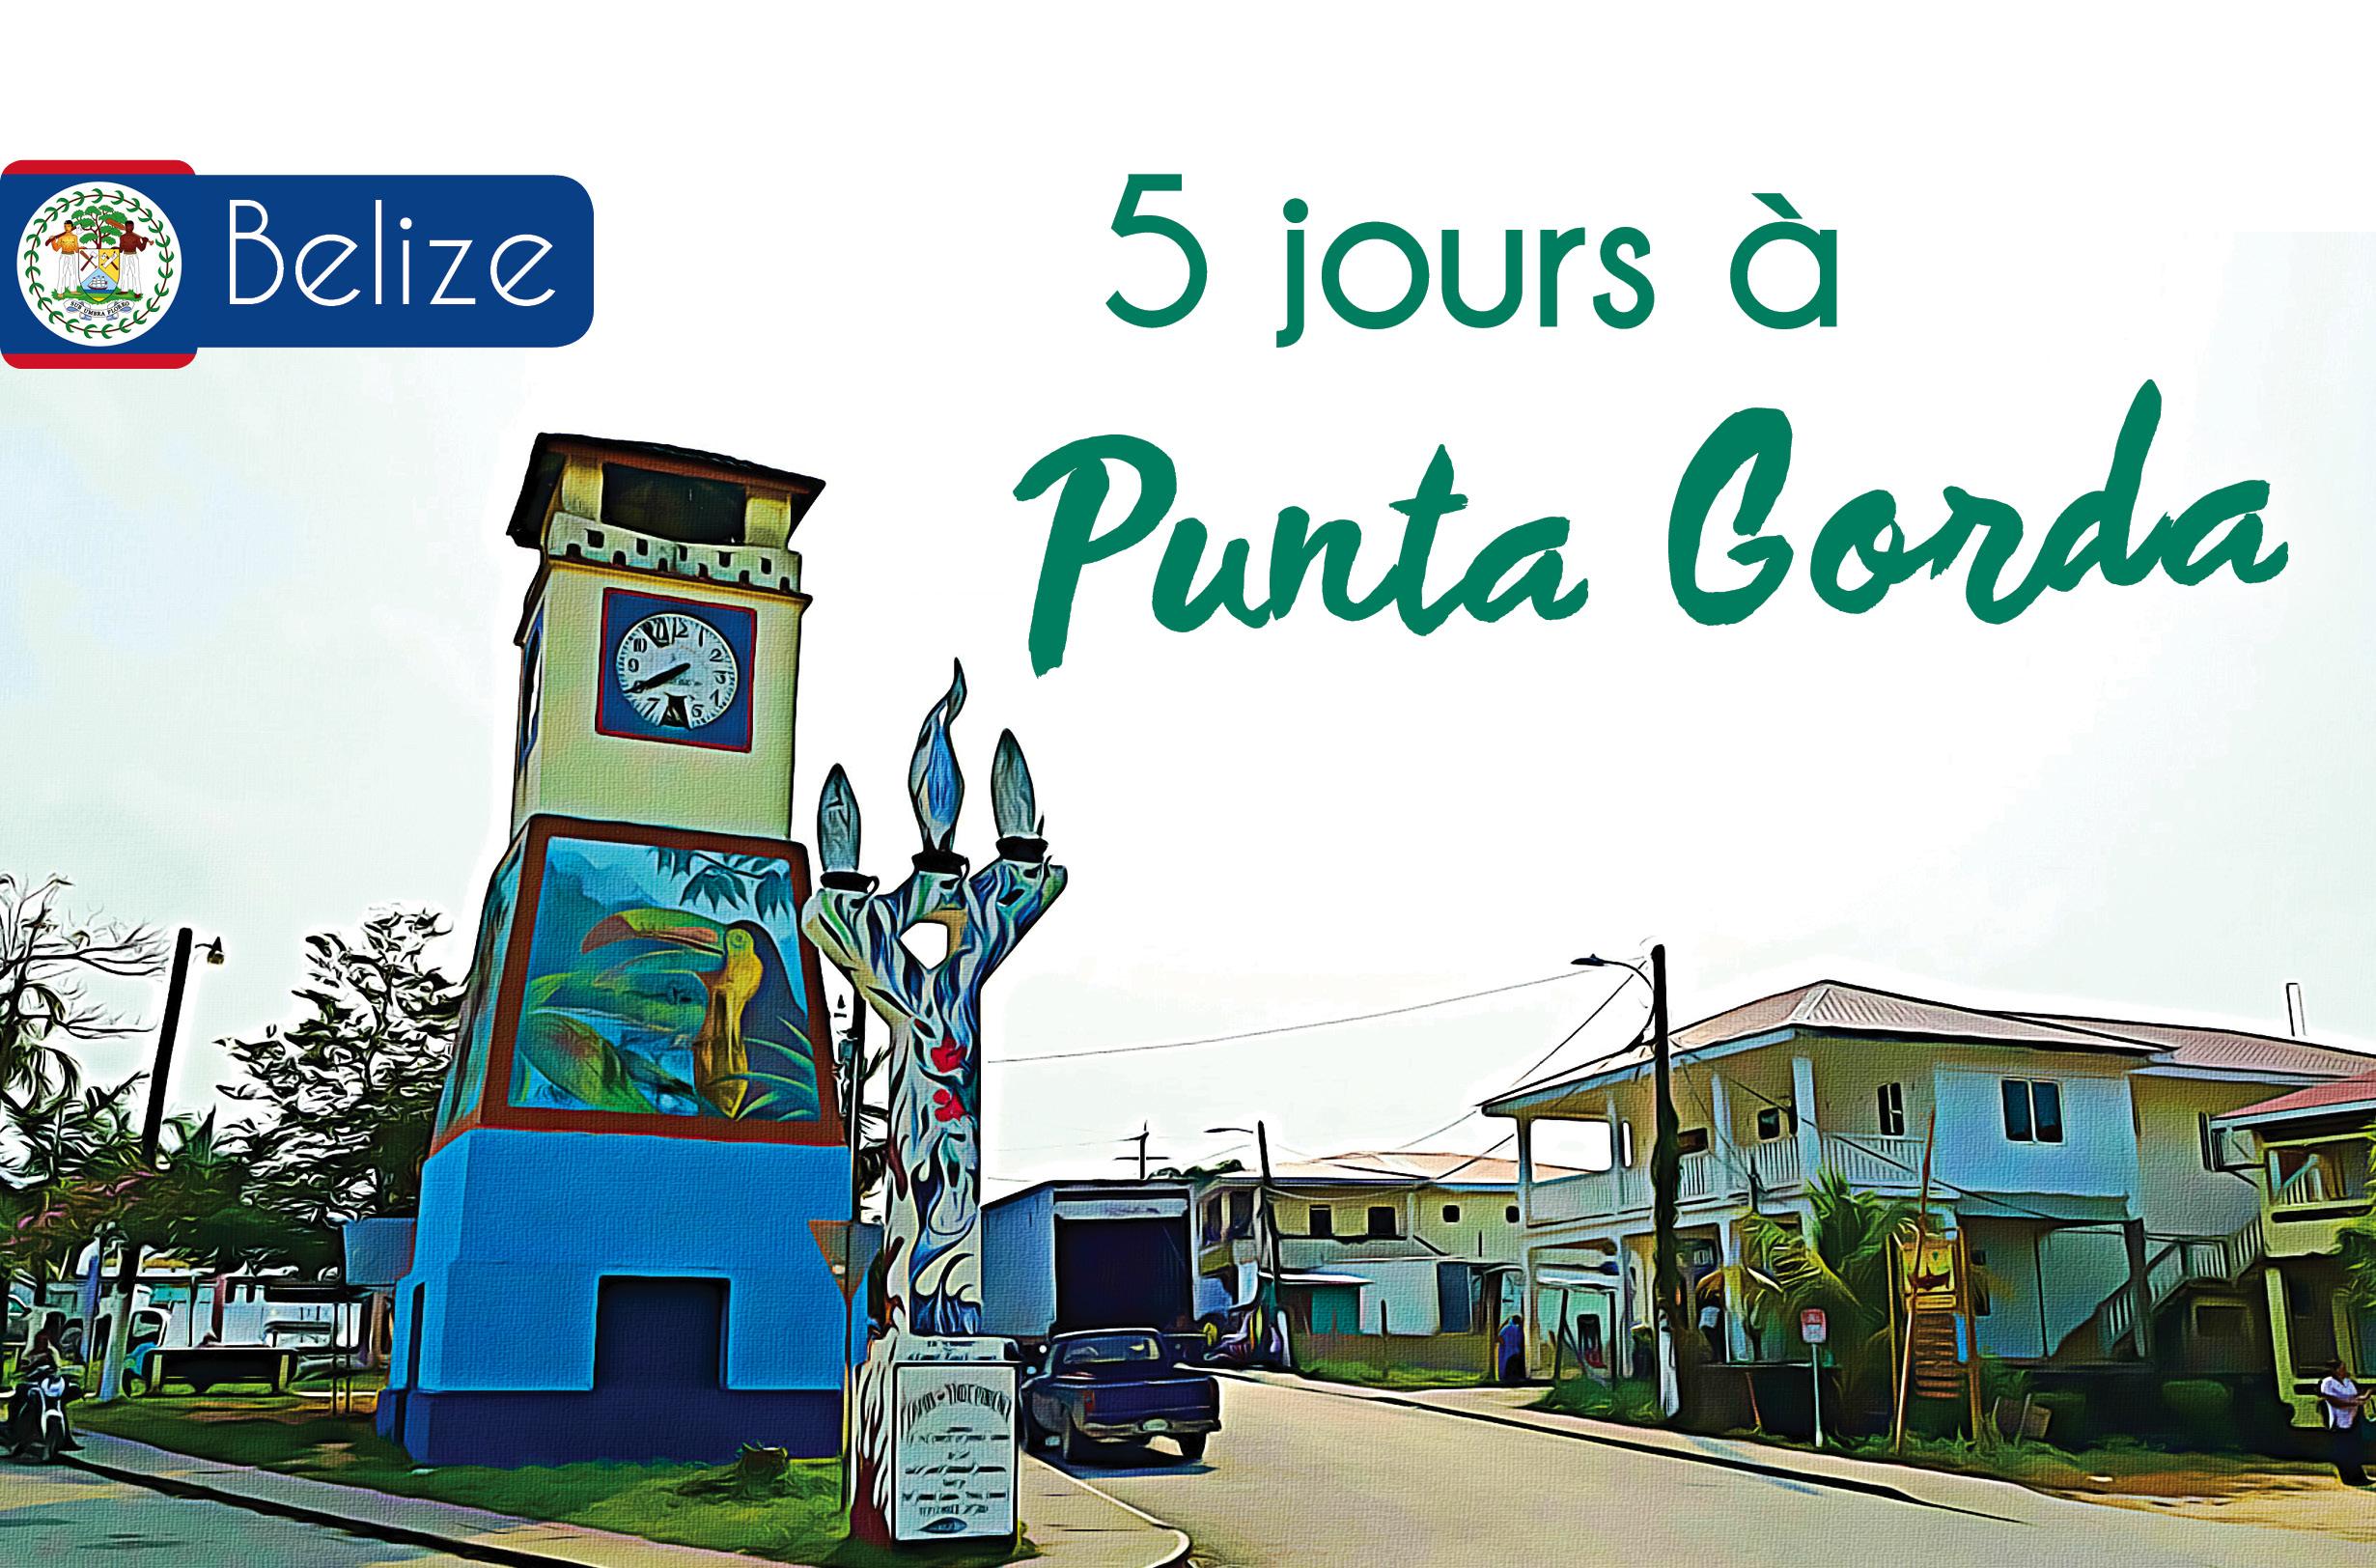 voyage dans les caraïbes au Belize à Punta Gorda